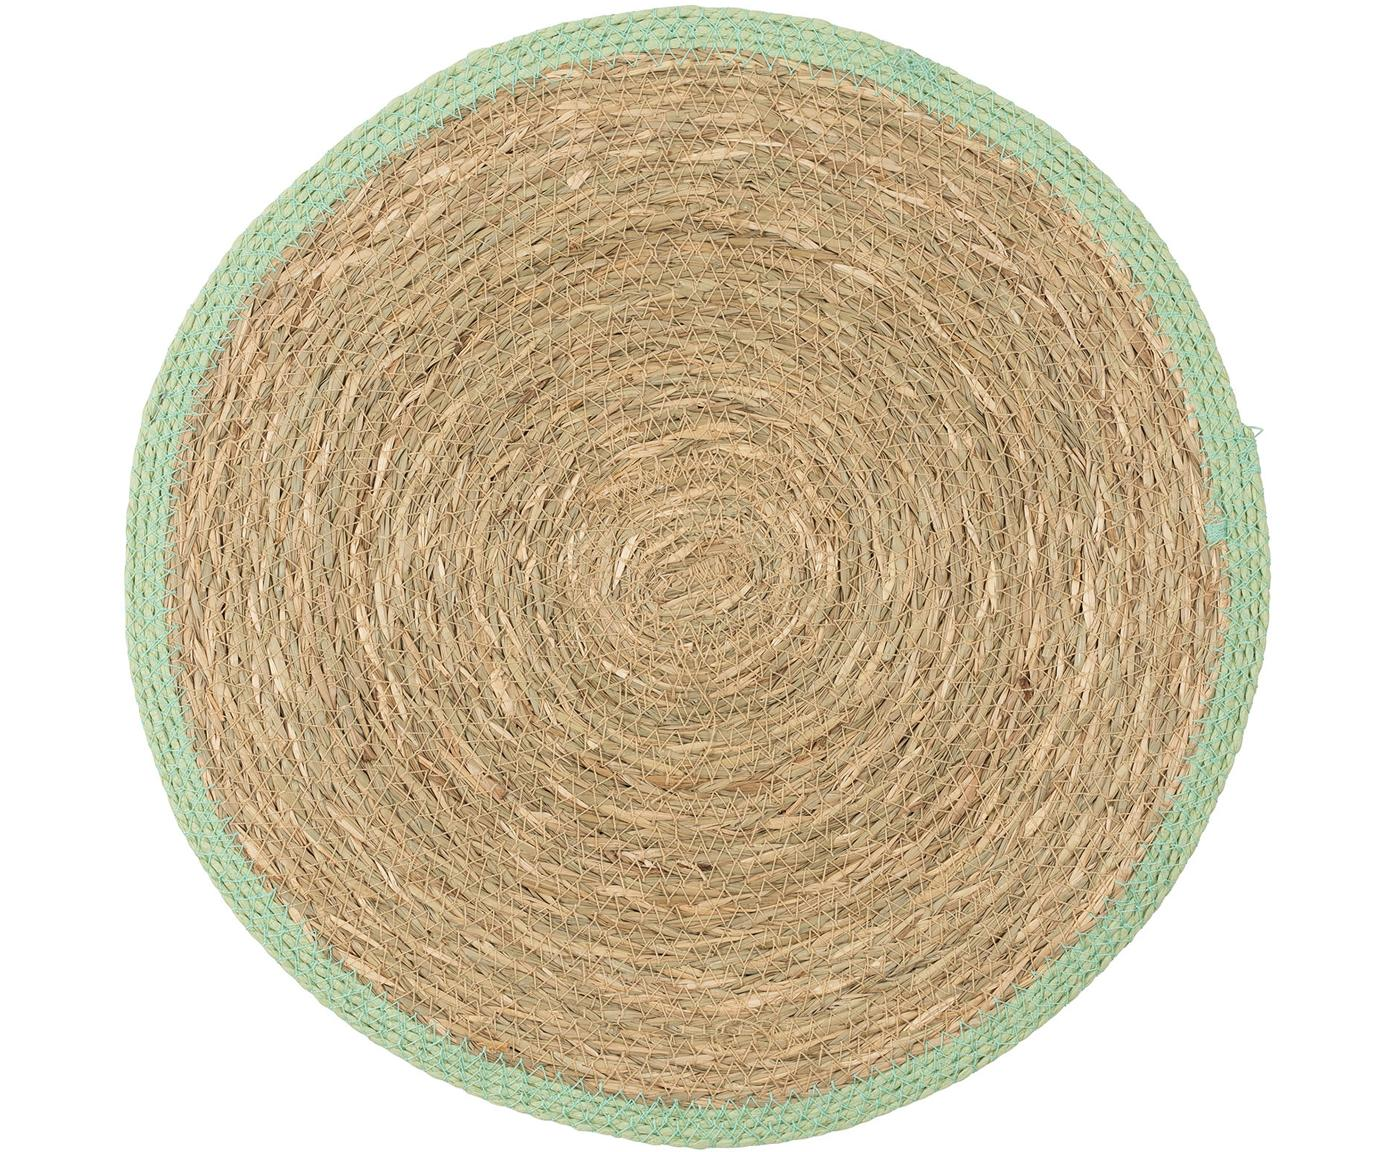 Runde Tischsets Boho, 2 Stück, Seegras, Beige, Grün, Ø 35 cm